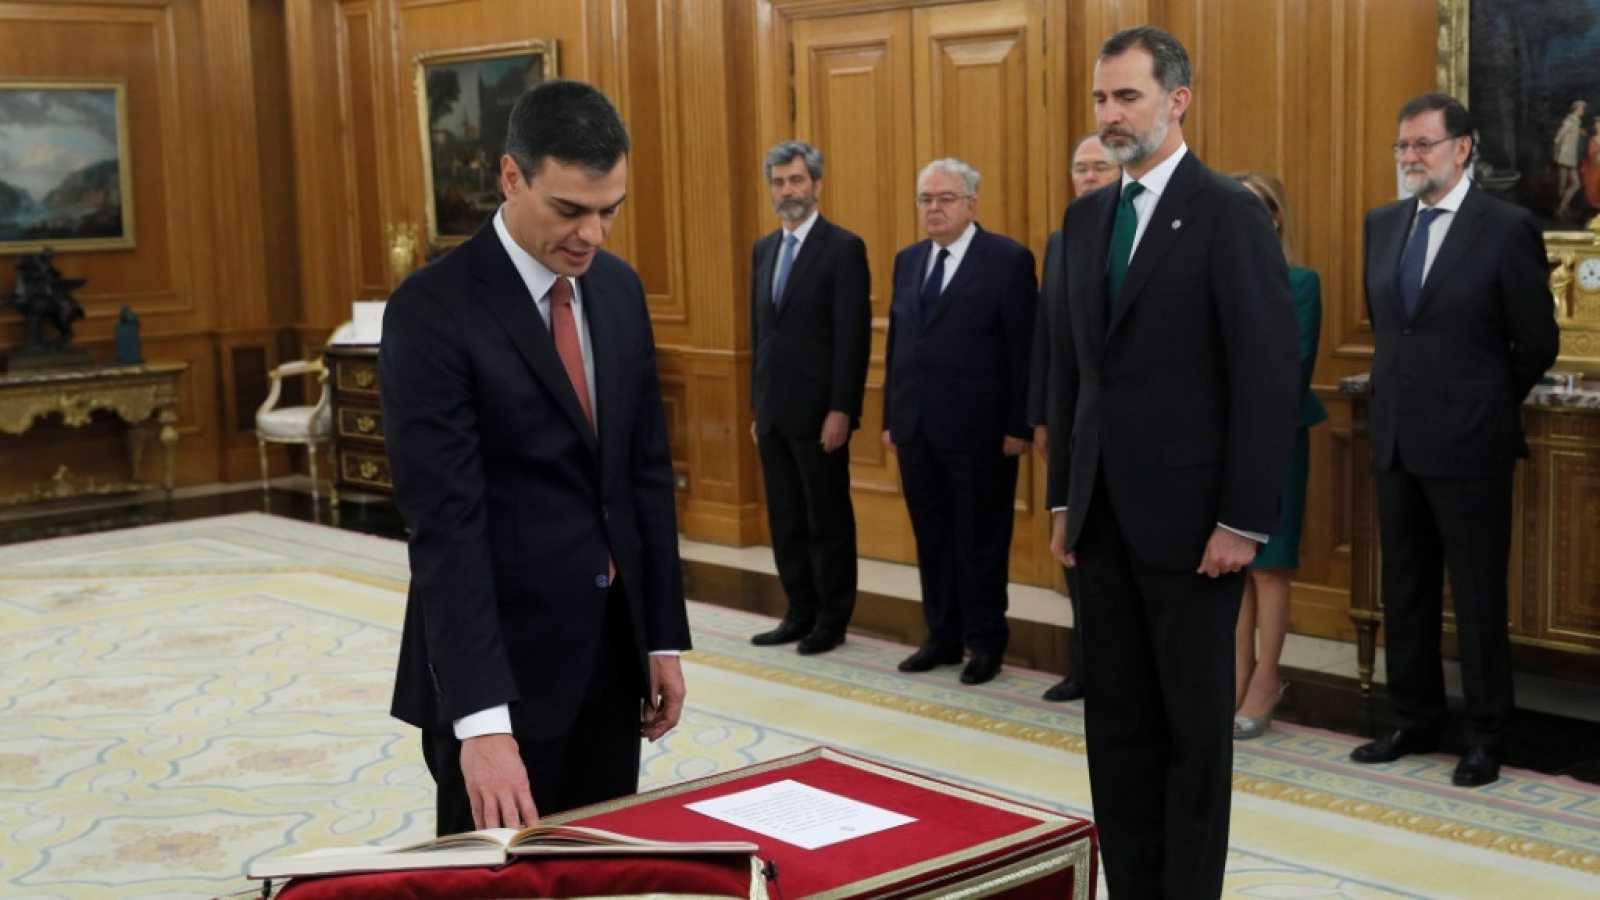 Avance informativo - Toma de posesión de Pedro Sánchez como Presidente del gobierno - ver ahora